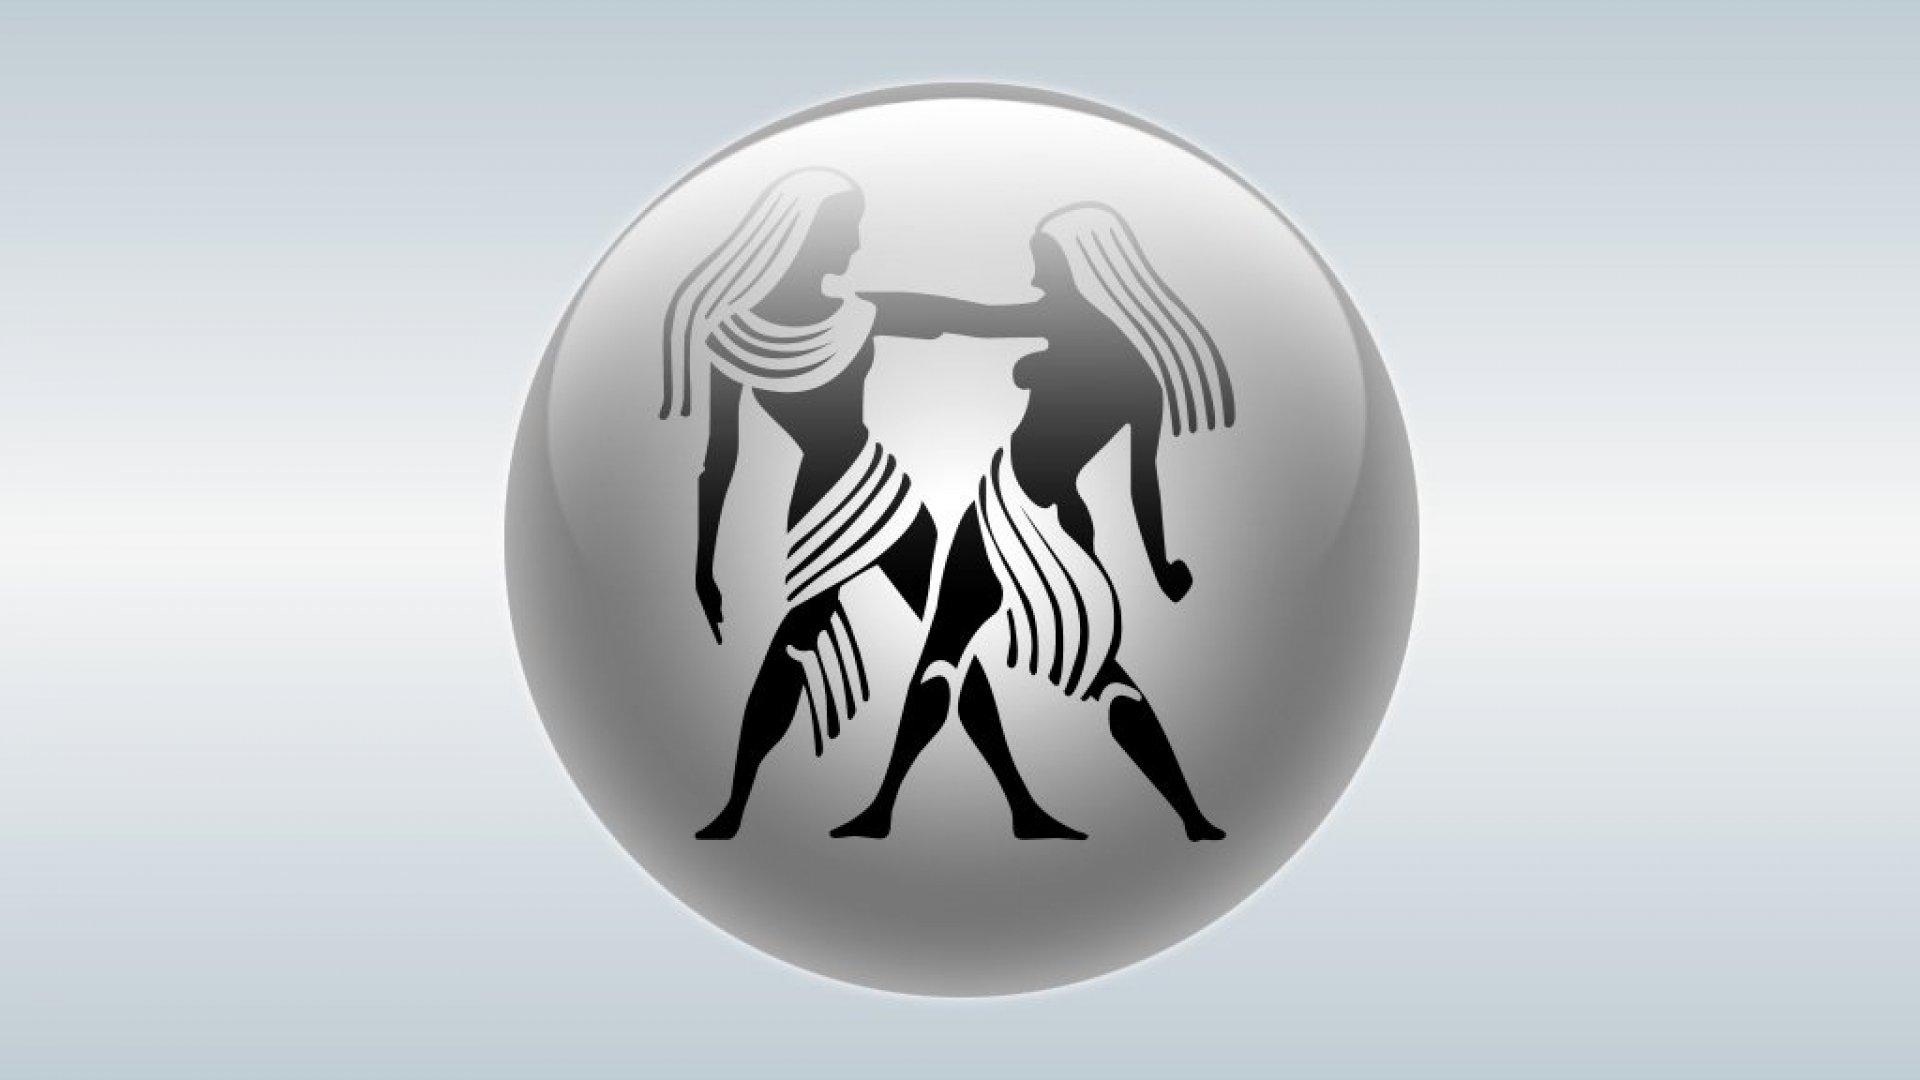 Козерог и Дева совместимость знаков в любовных отношениях и в дружбе